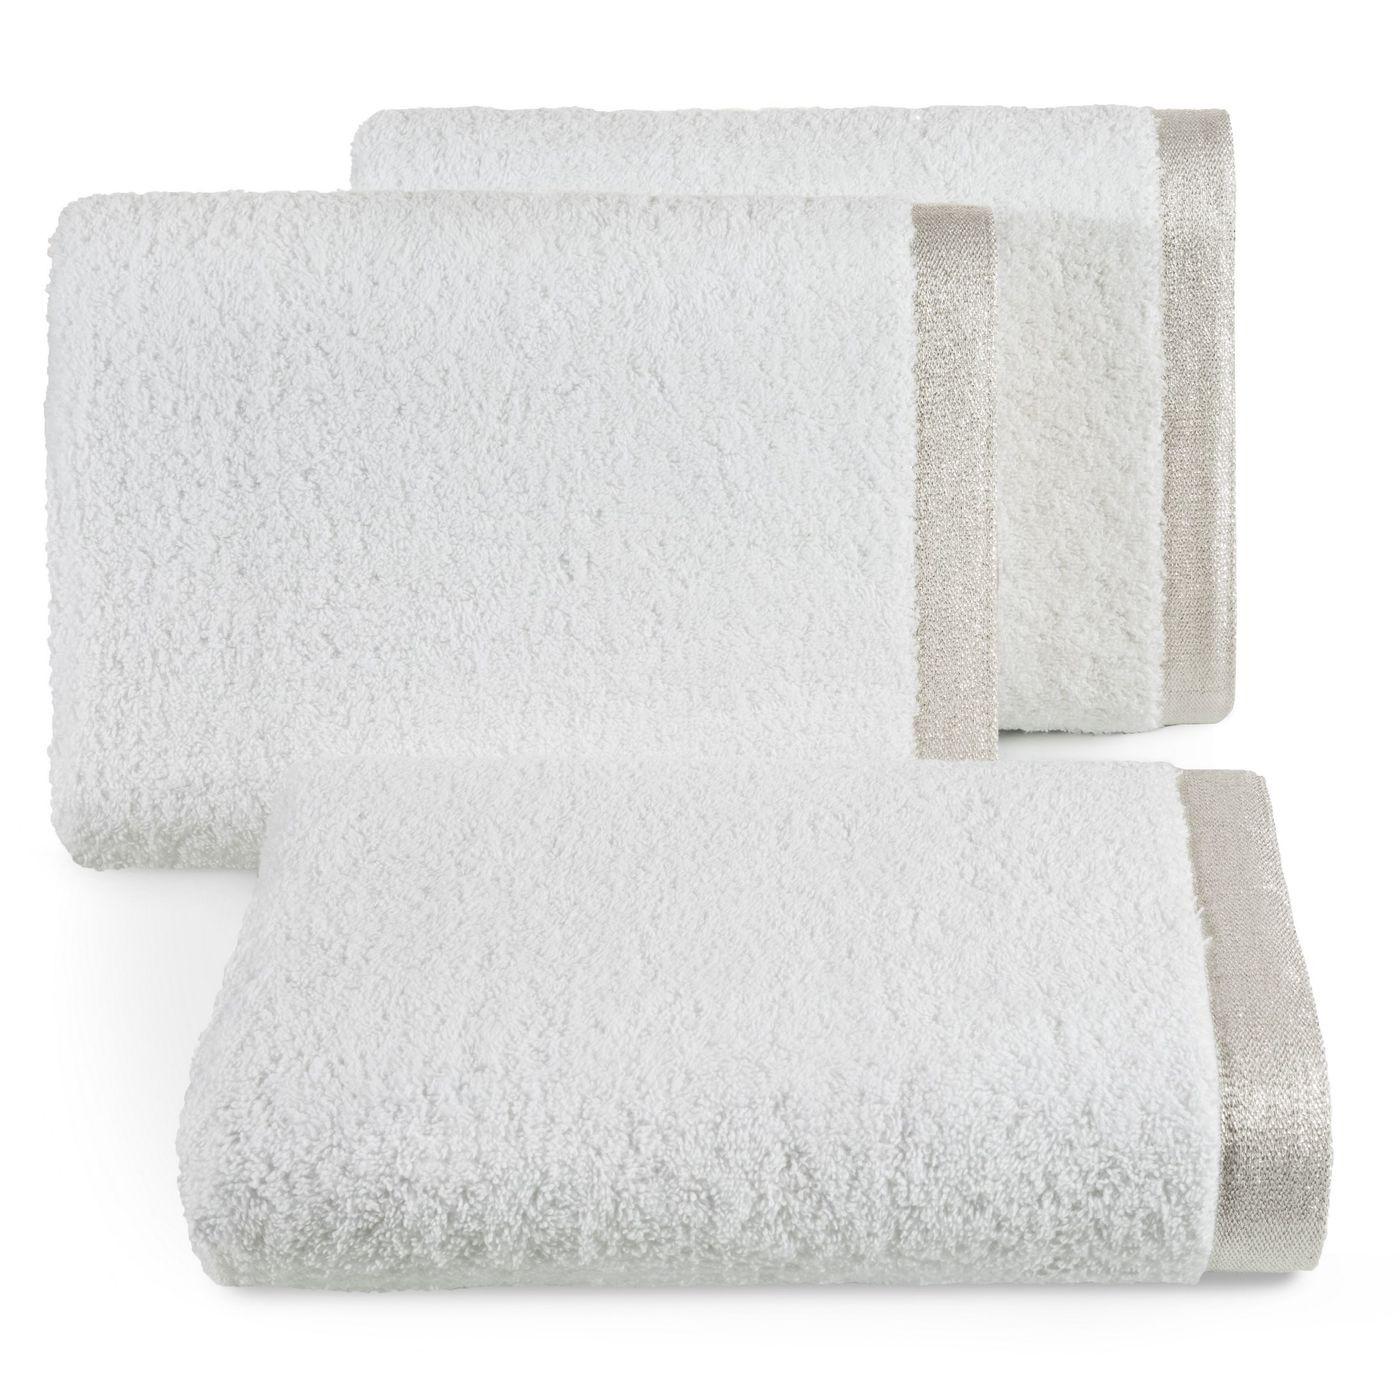 Ręcznik z bawełny z błyszczącym brzegiem 70x140cm biały